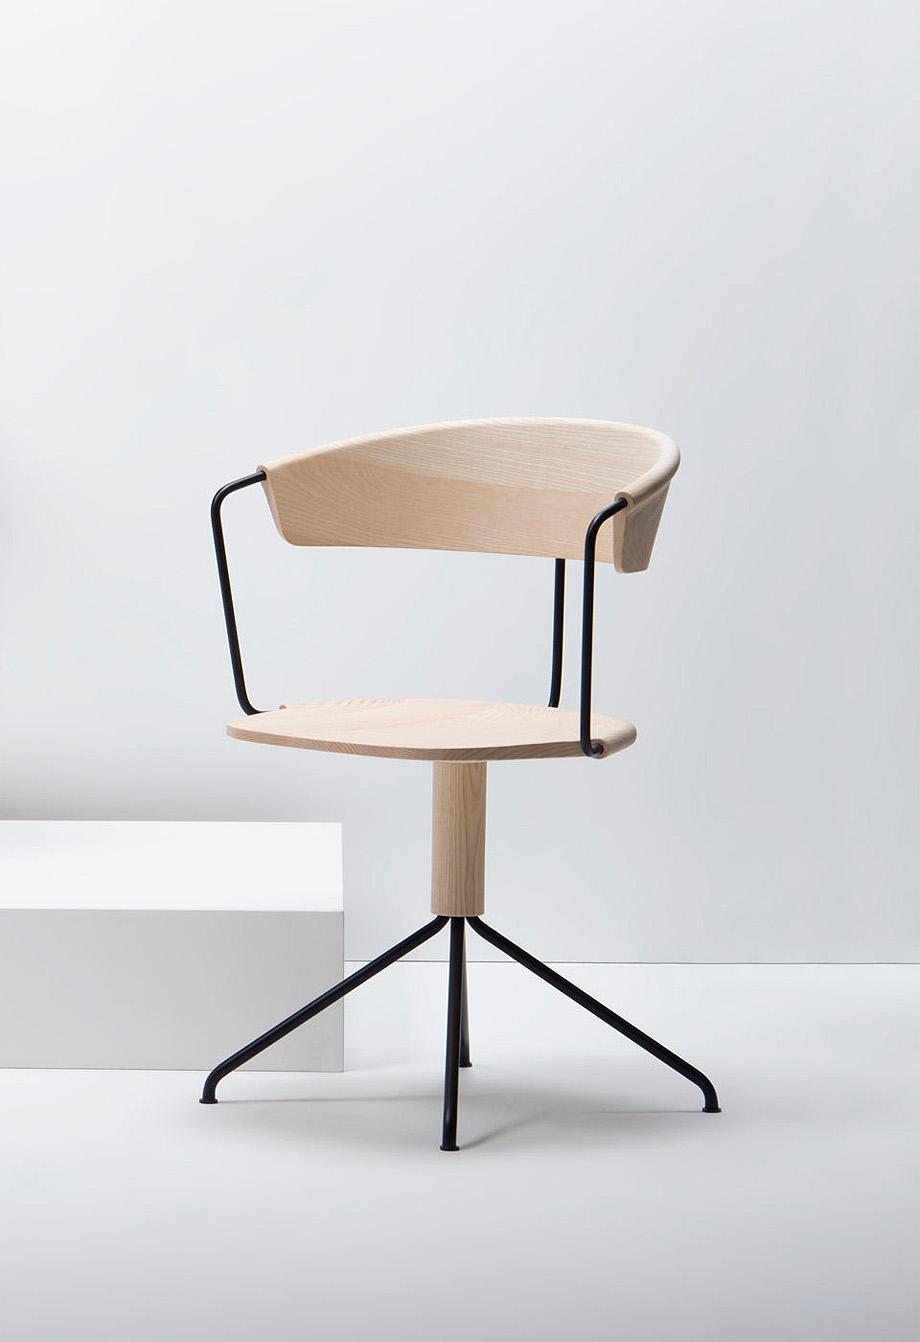 silla y taburete uncino de bouroullec y mattiazzi (5)